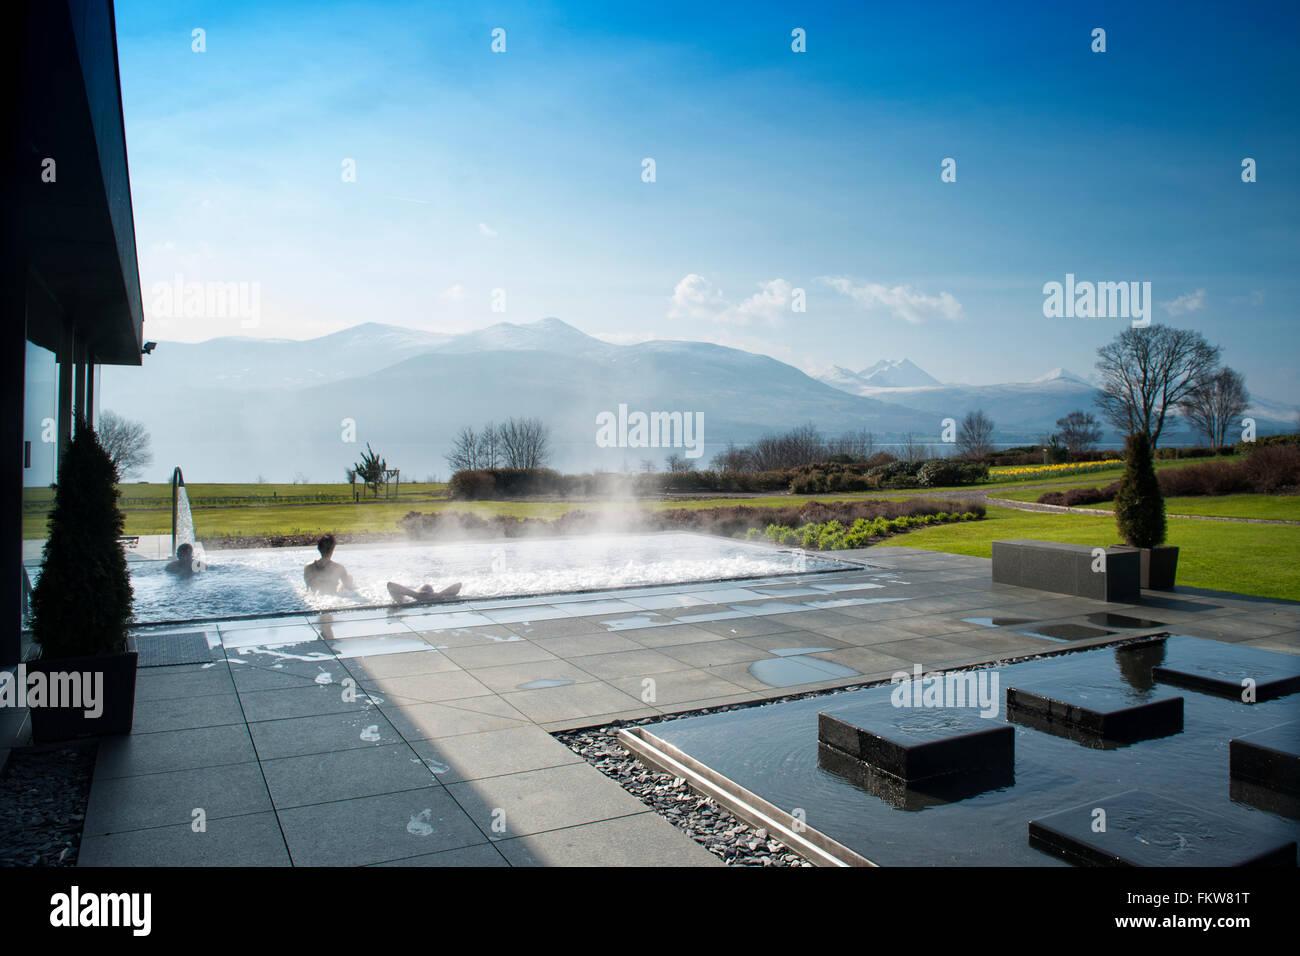 Piscina vitality pool en el lujoso hotel de cinco estrellas de Europa Hotel and Resort, Kerry, Irlanda Imagen De Stock